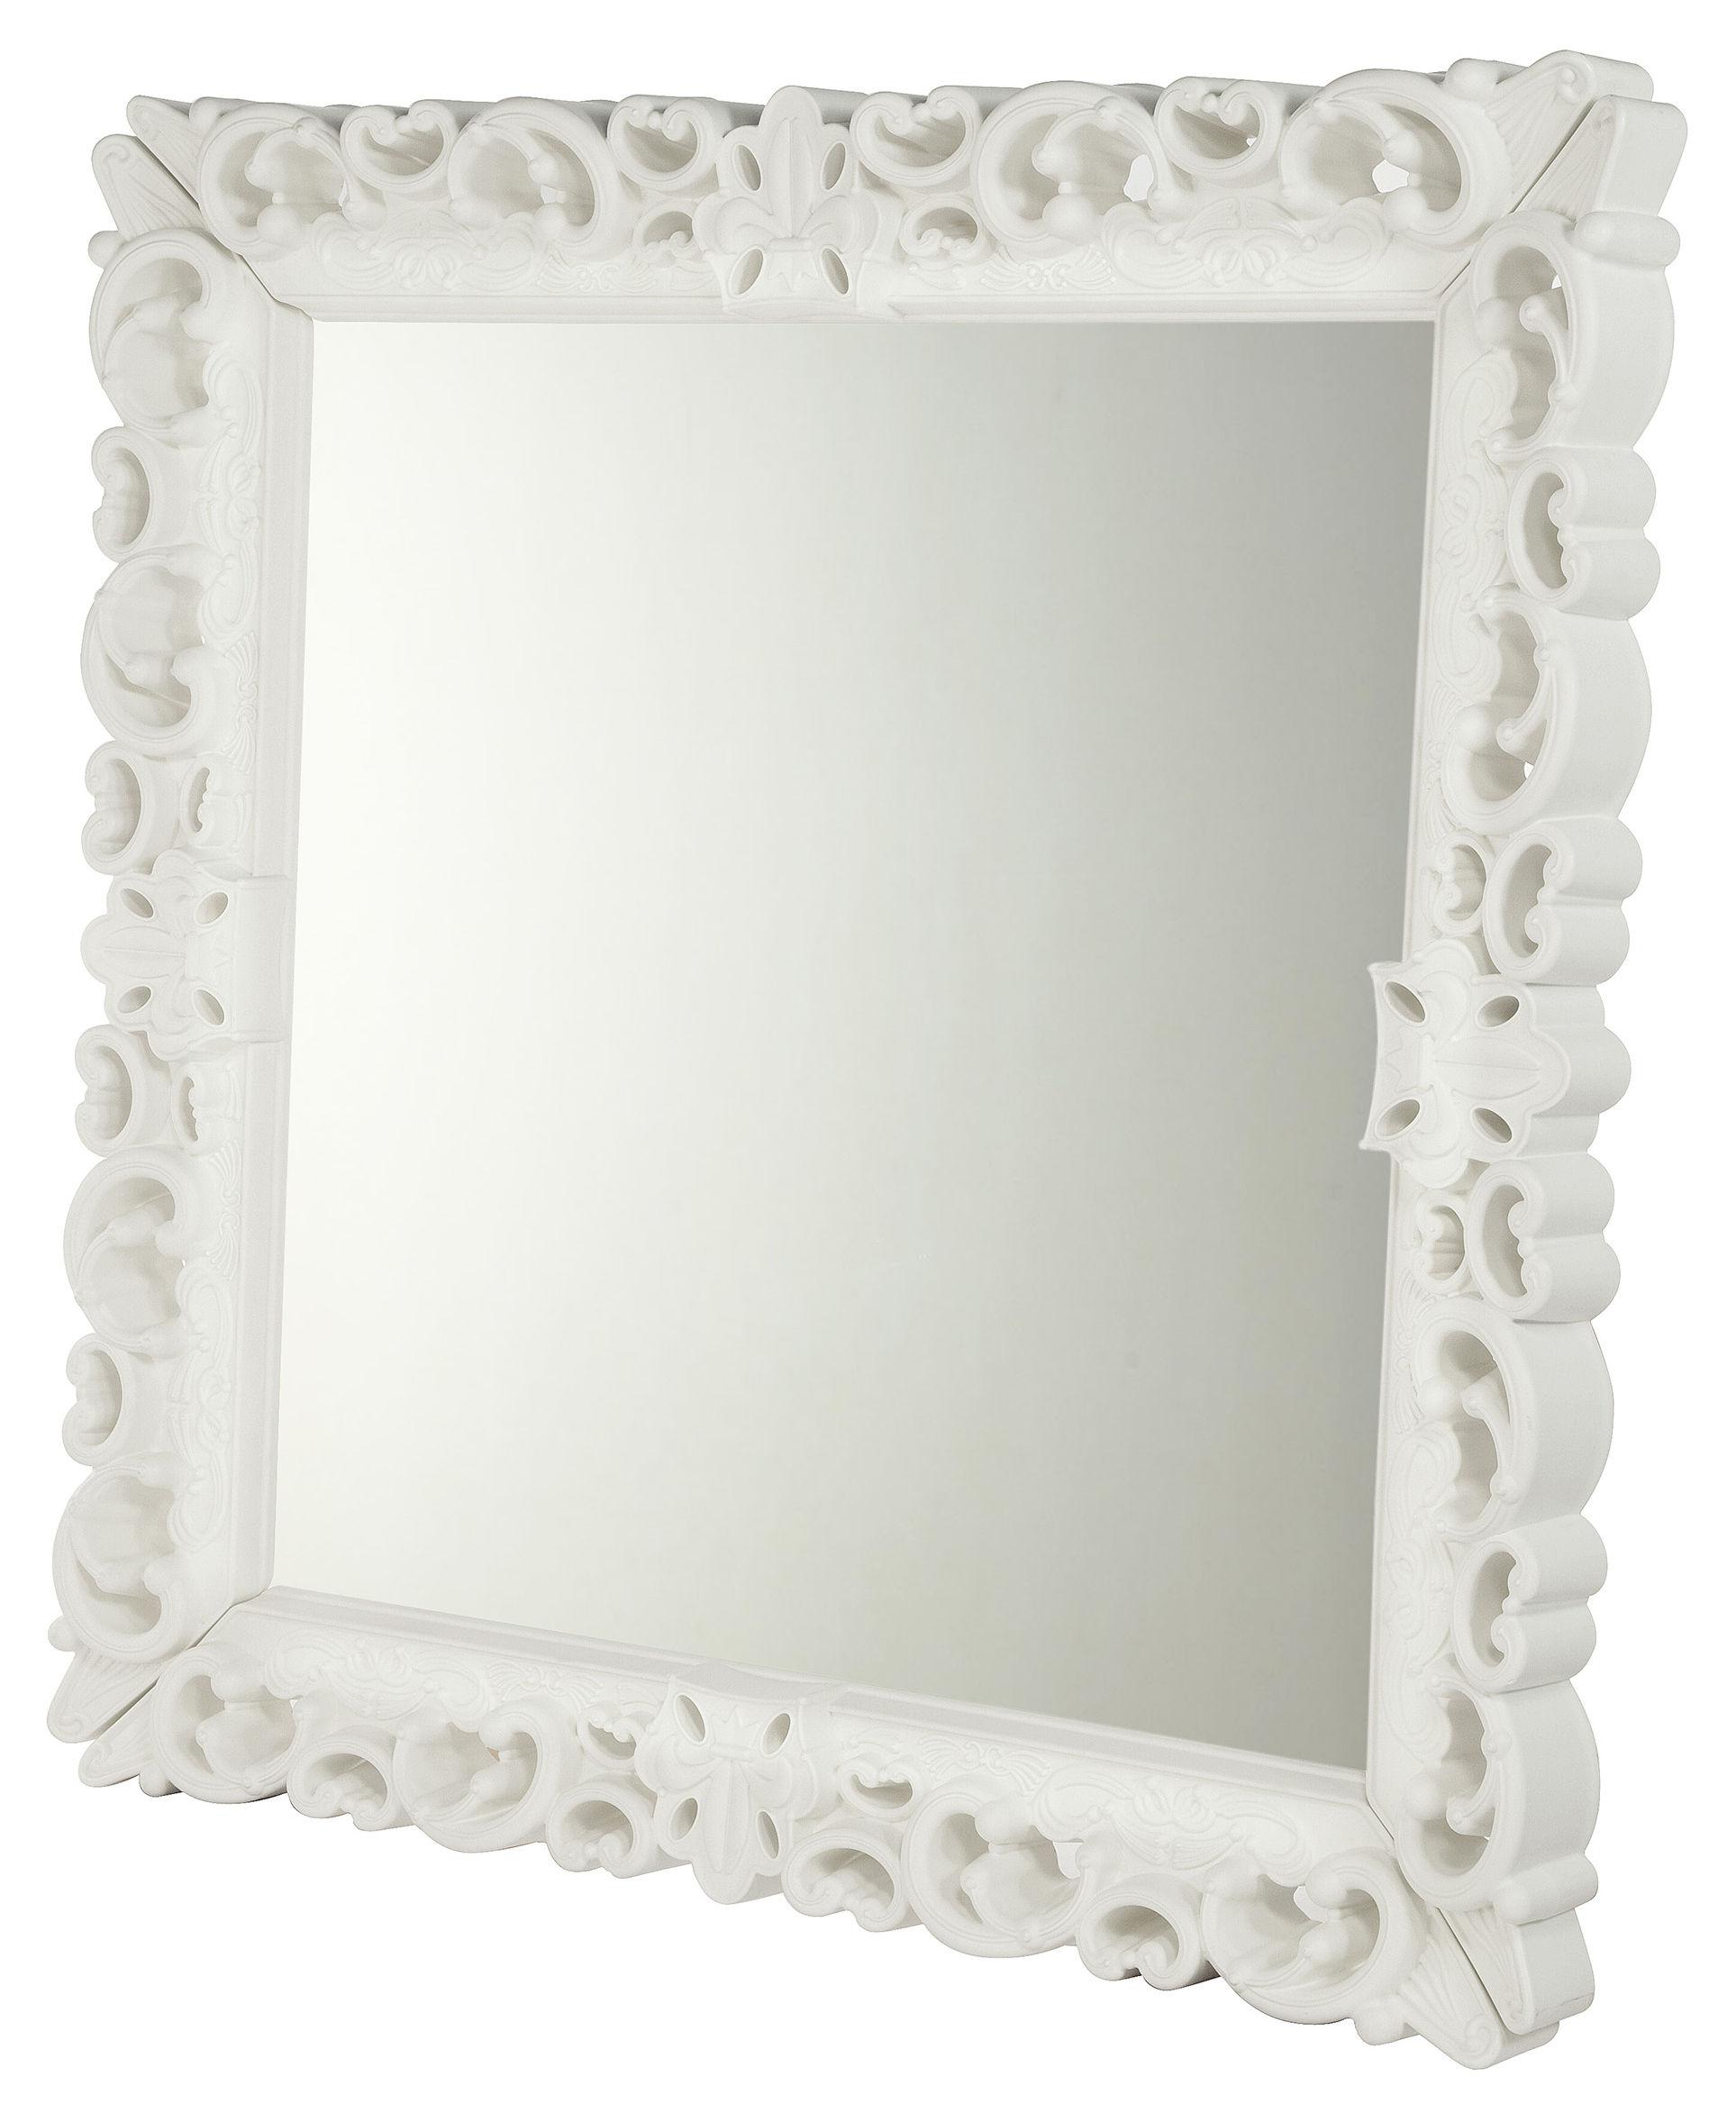 Outdoor - Deko-Accessoires für den Garten - Mirror of Love Wandspiegel / 153 x 153 cm - Design of Love by Slide - Weiß - rotationsgeformtes Polyäthylen